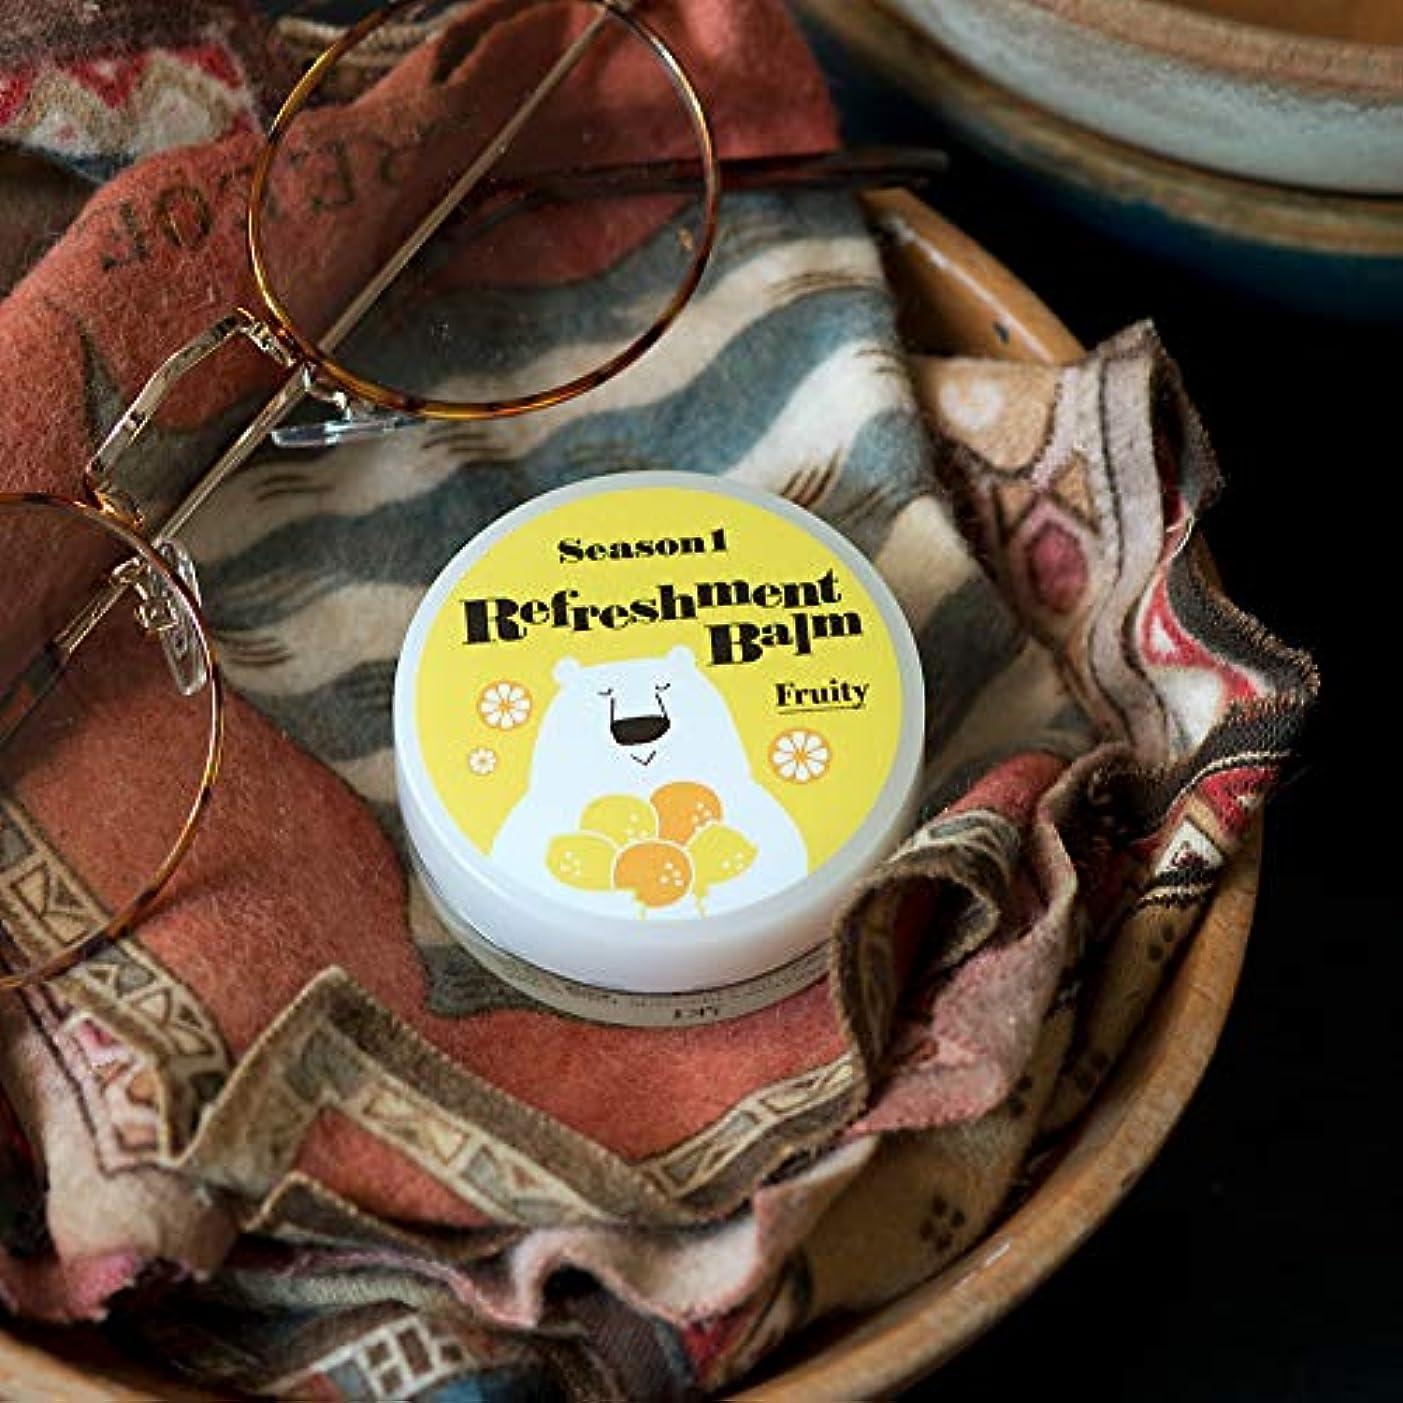 亡命九コントローラ(美健)BIKEN カサカサ鼻にひと塗り リフレッシュメントバーム フルーティ エッセンシャルオイル(精油)のみで香り付け